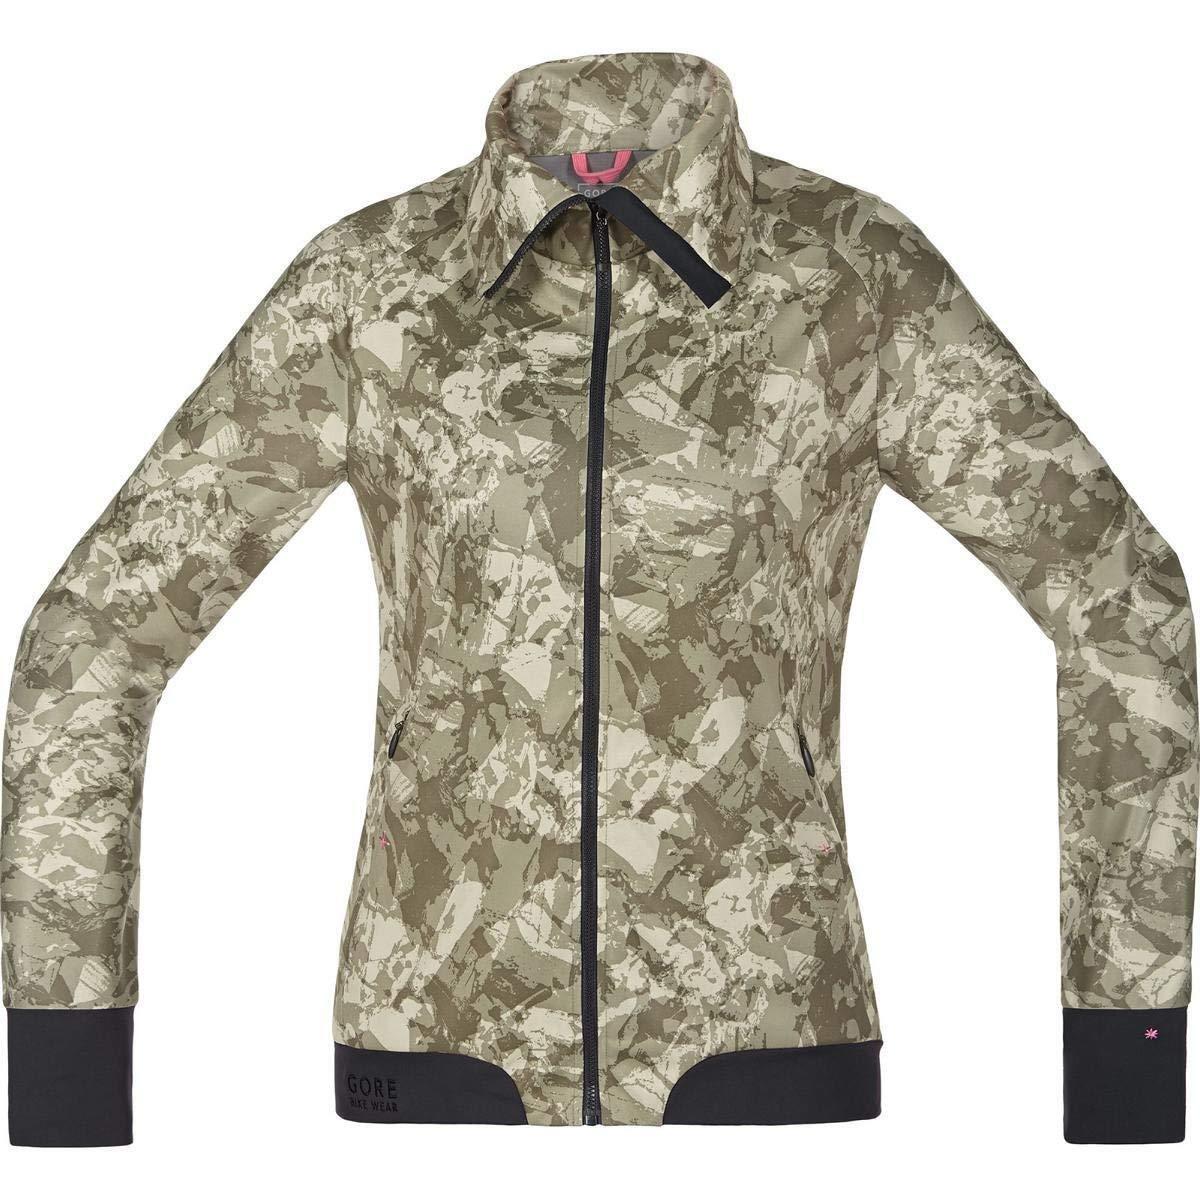 Gore Bike Wear Mujer potencia Trail impresión Cortavientos chaqueta de cáscara suave 40 Nuevo +